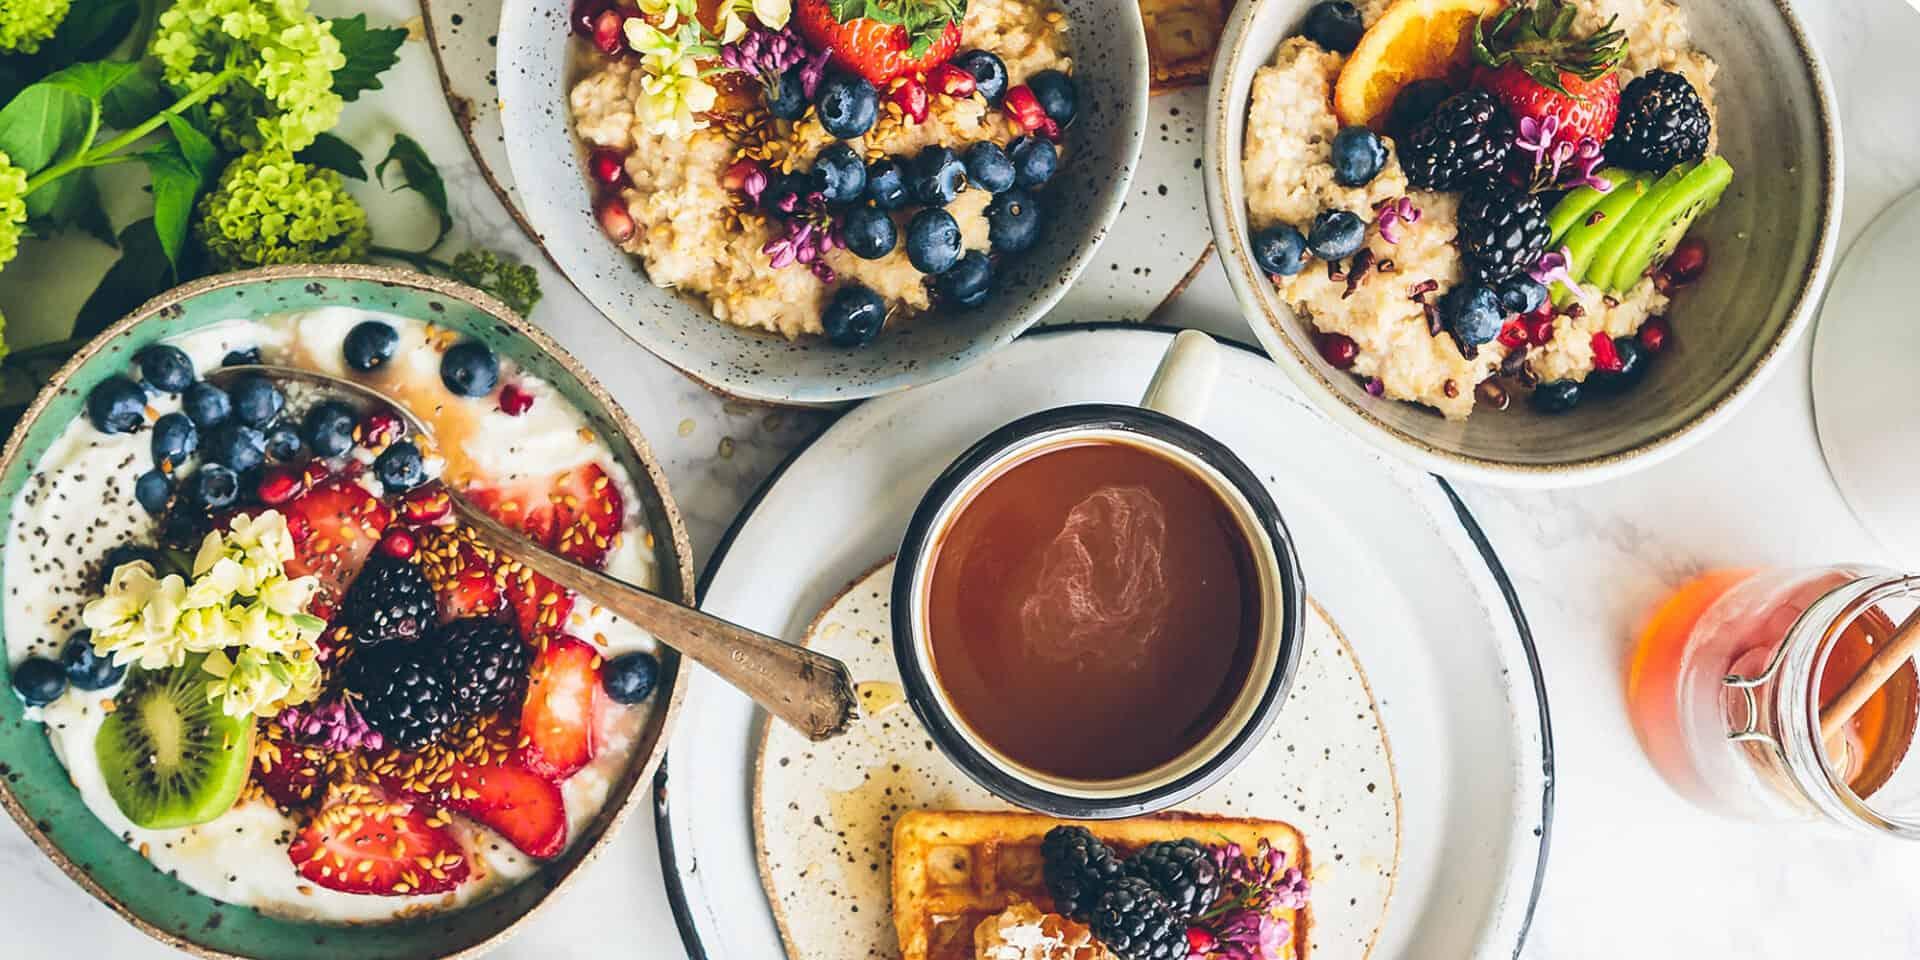 breakfast in byron bay australia best places to eat